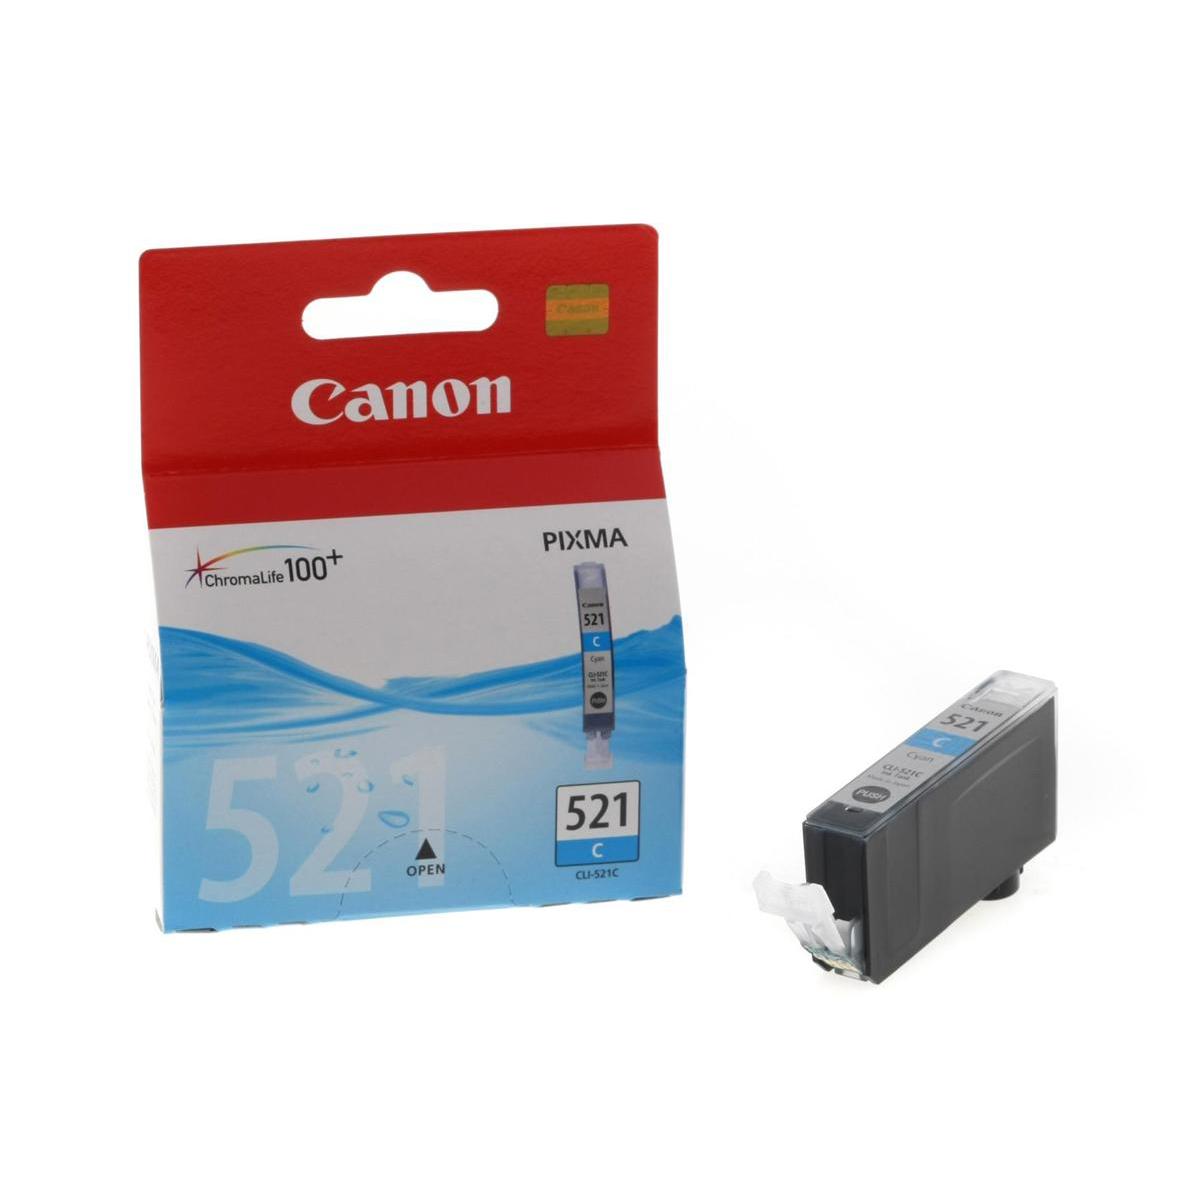 Canon CLI-521C Inkjet Cartridge Page Life 448pp 9ml Cyan Ref 2934B001AA